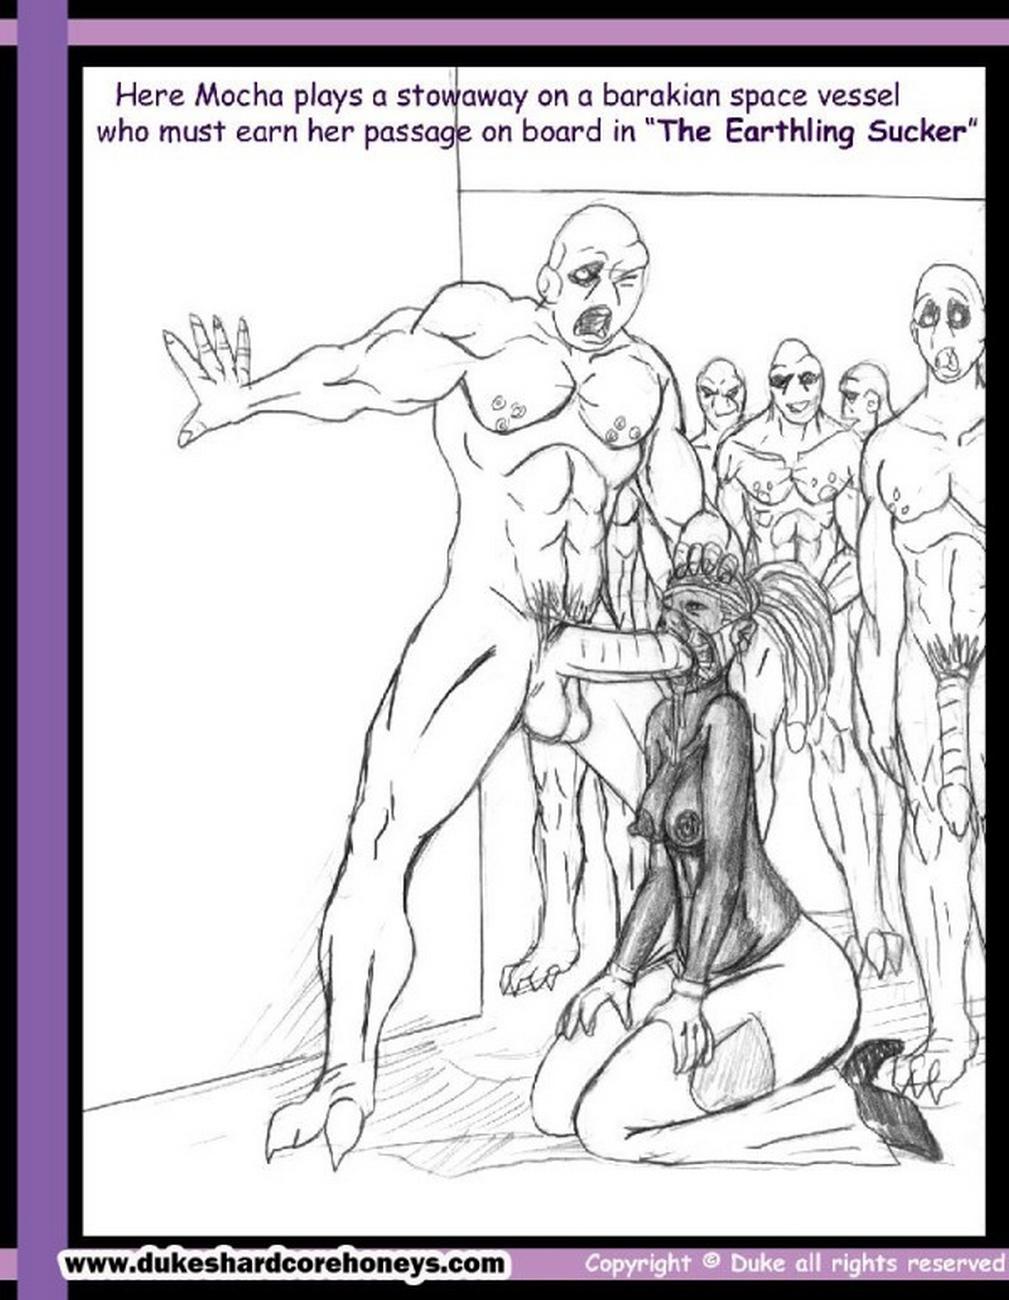 Mocha-4 14 free sex comic